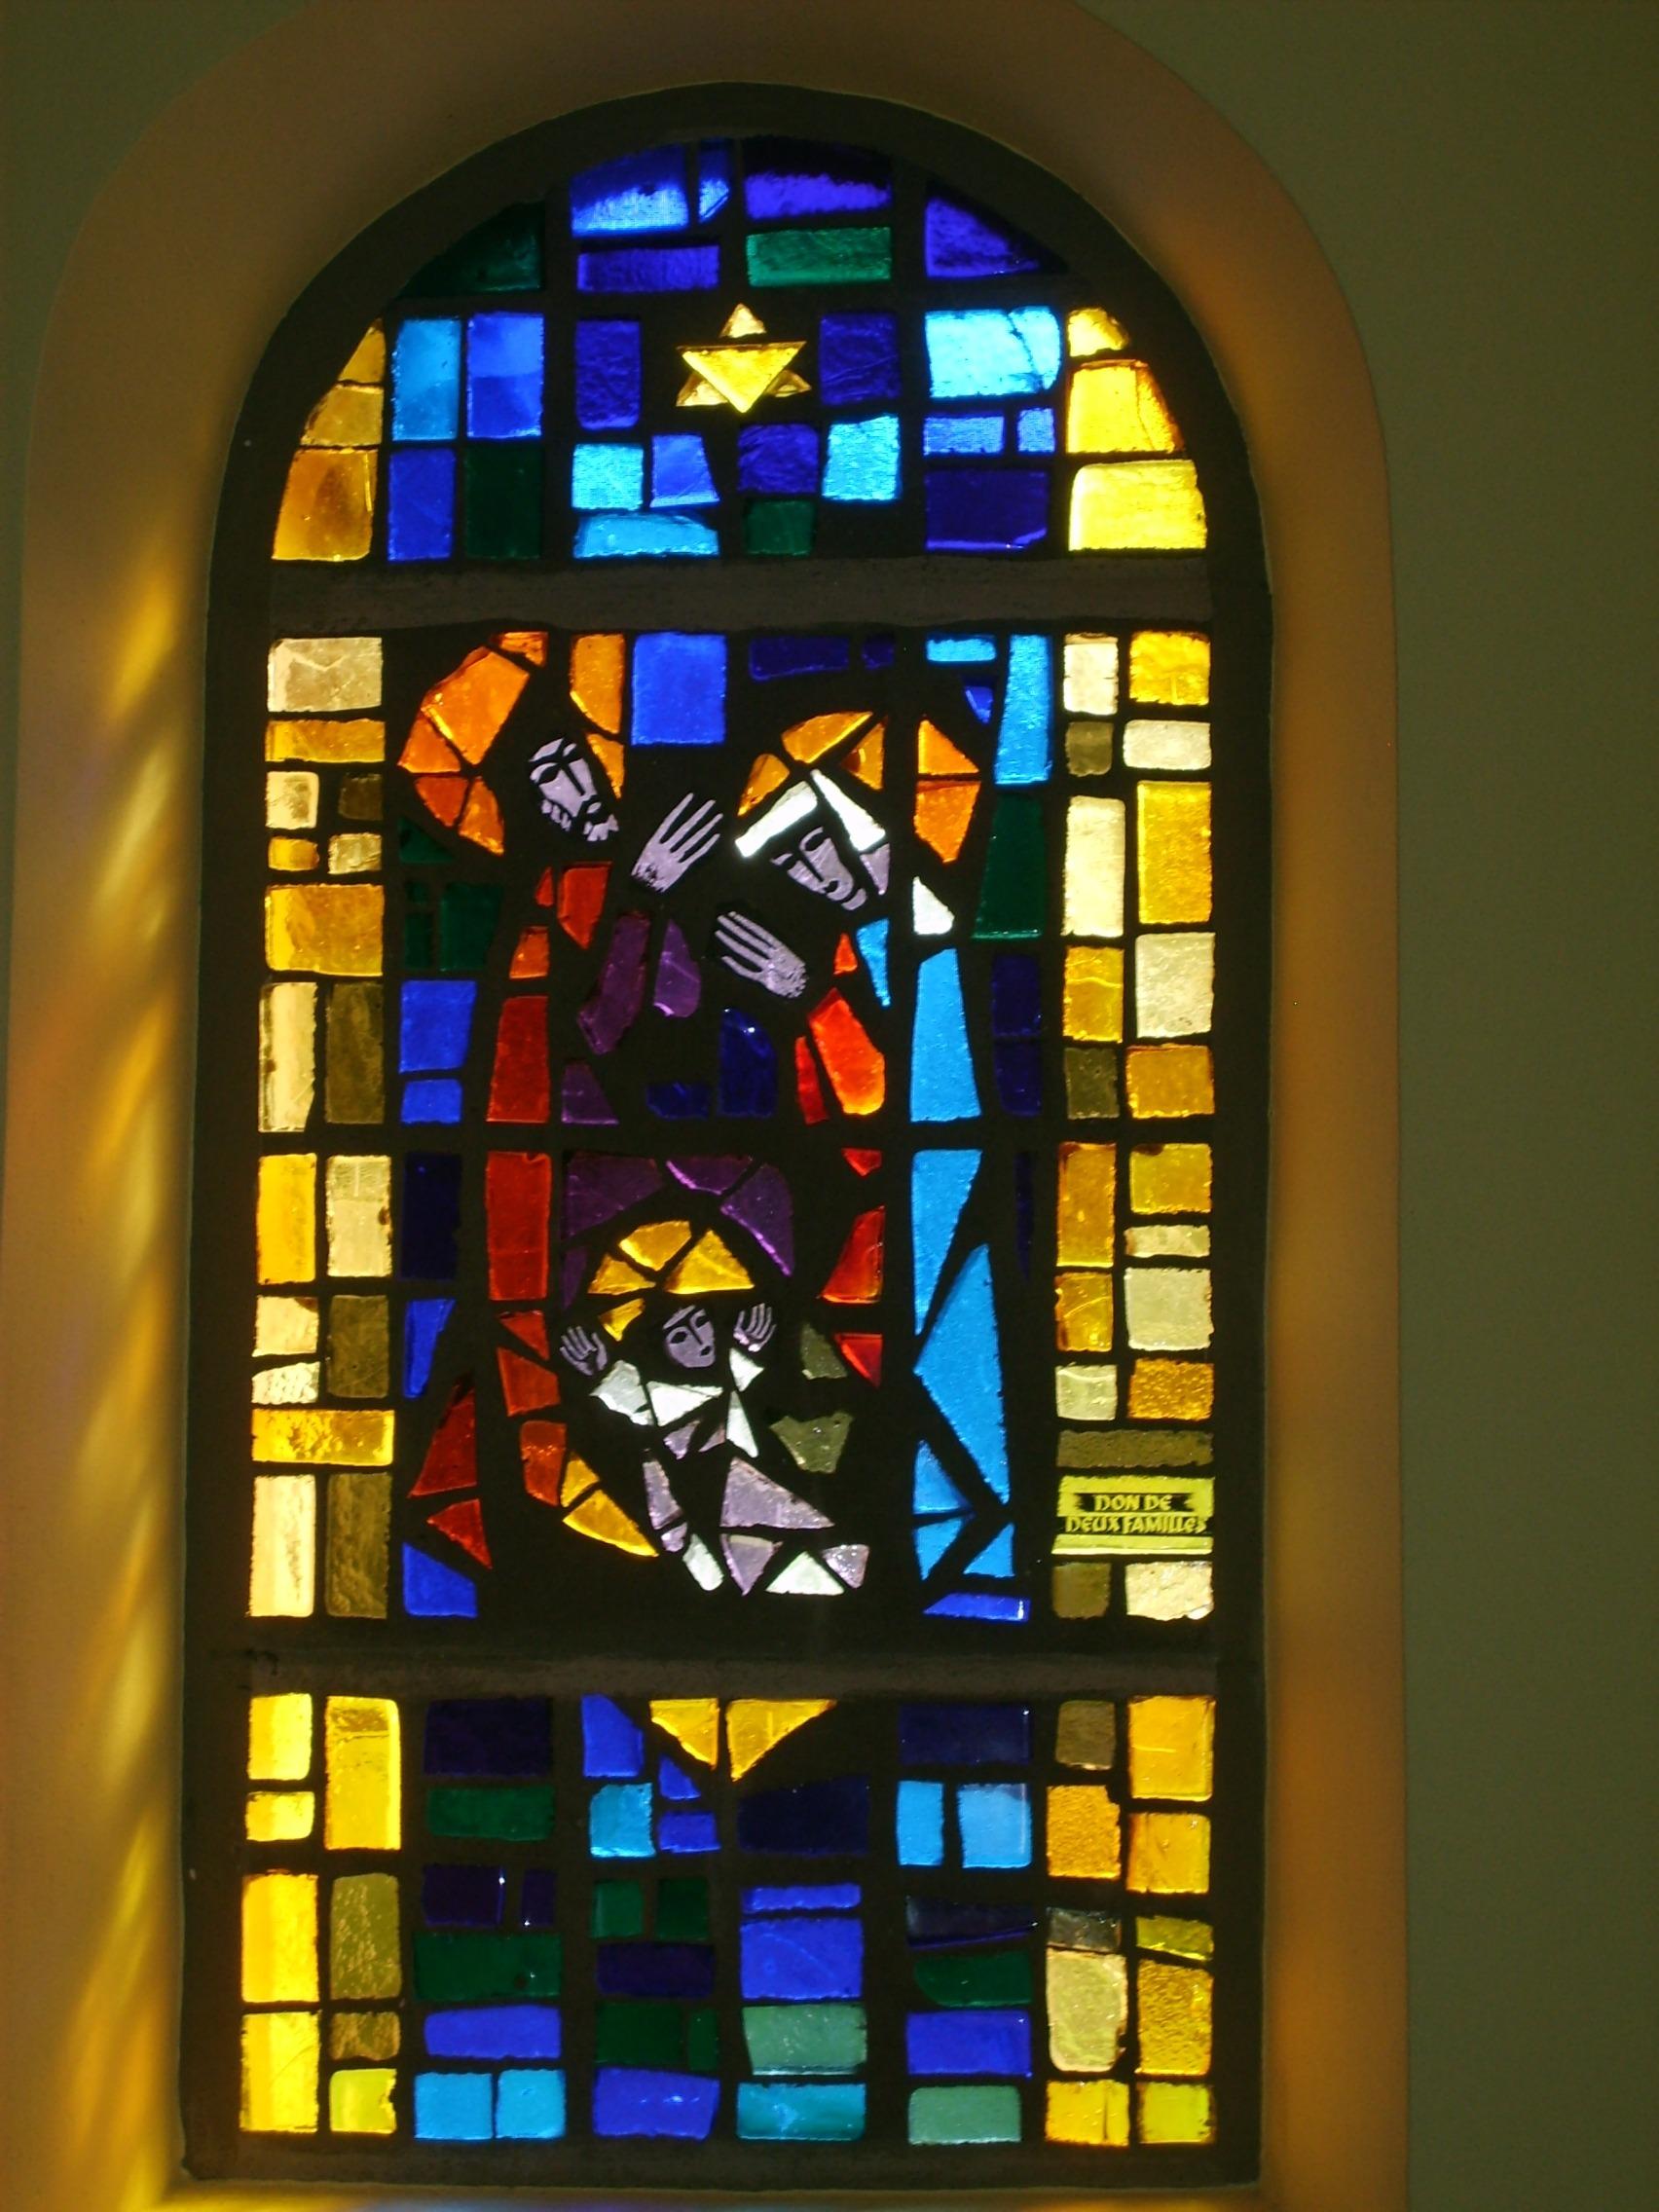 Horaires de nos offices semaine et solennit s abbaye n d de baumgarten - Horaires des offices religieux ...